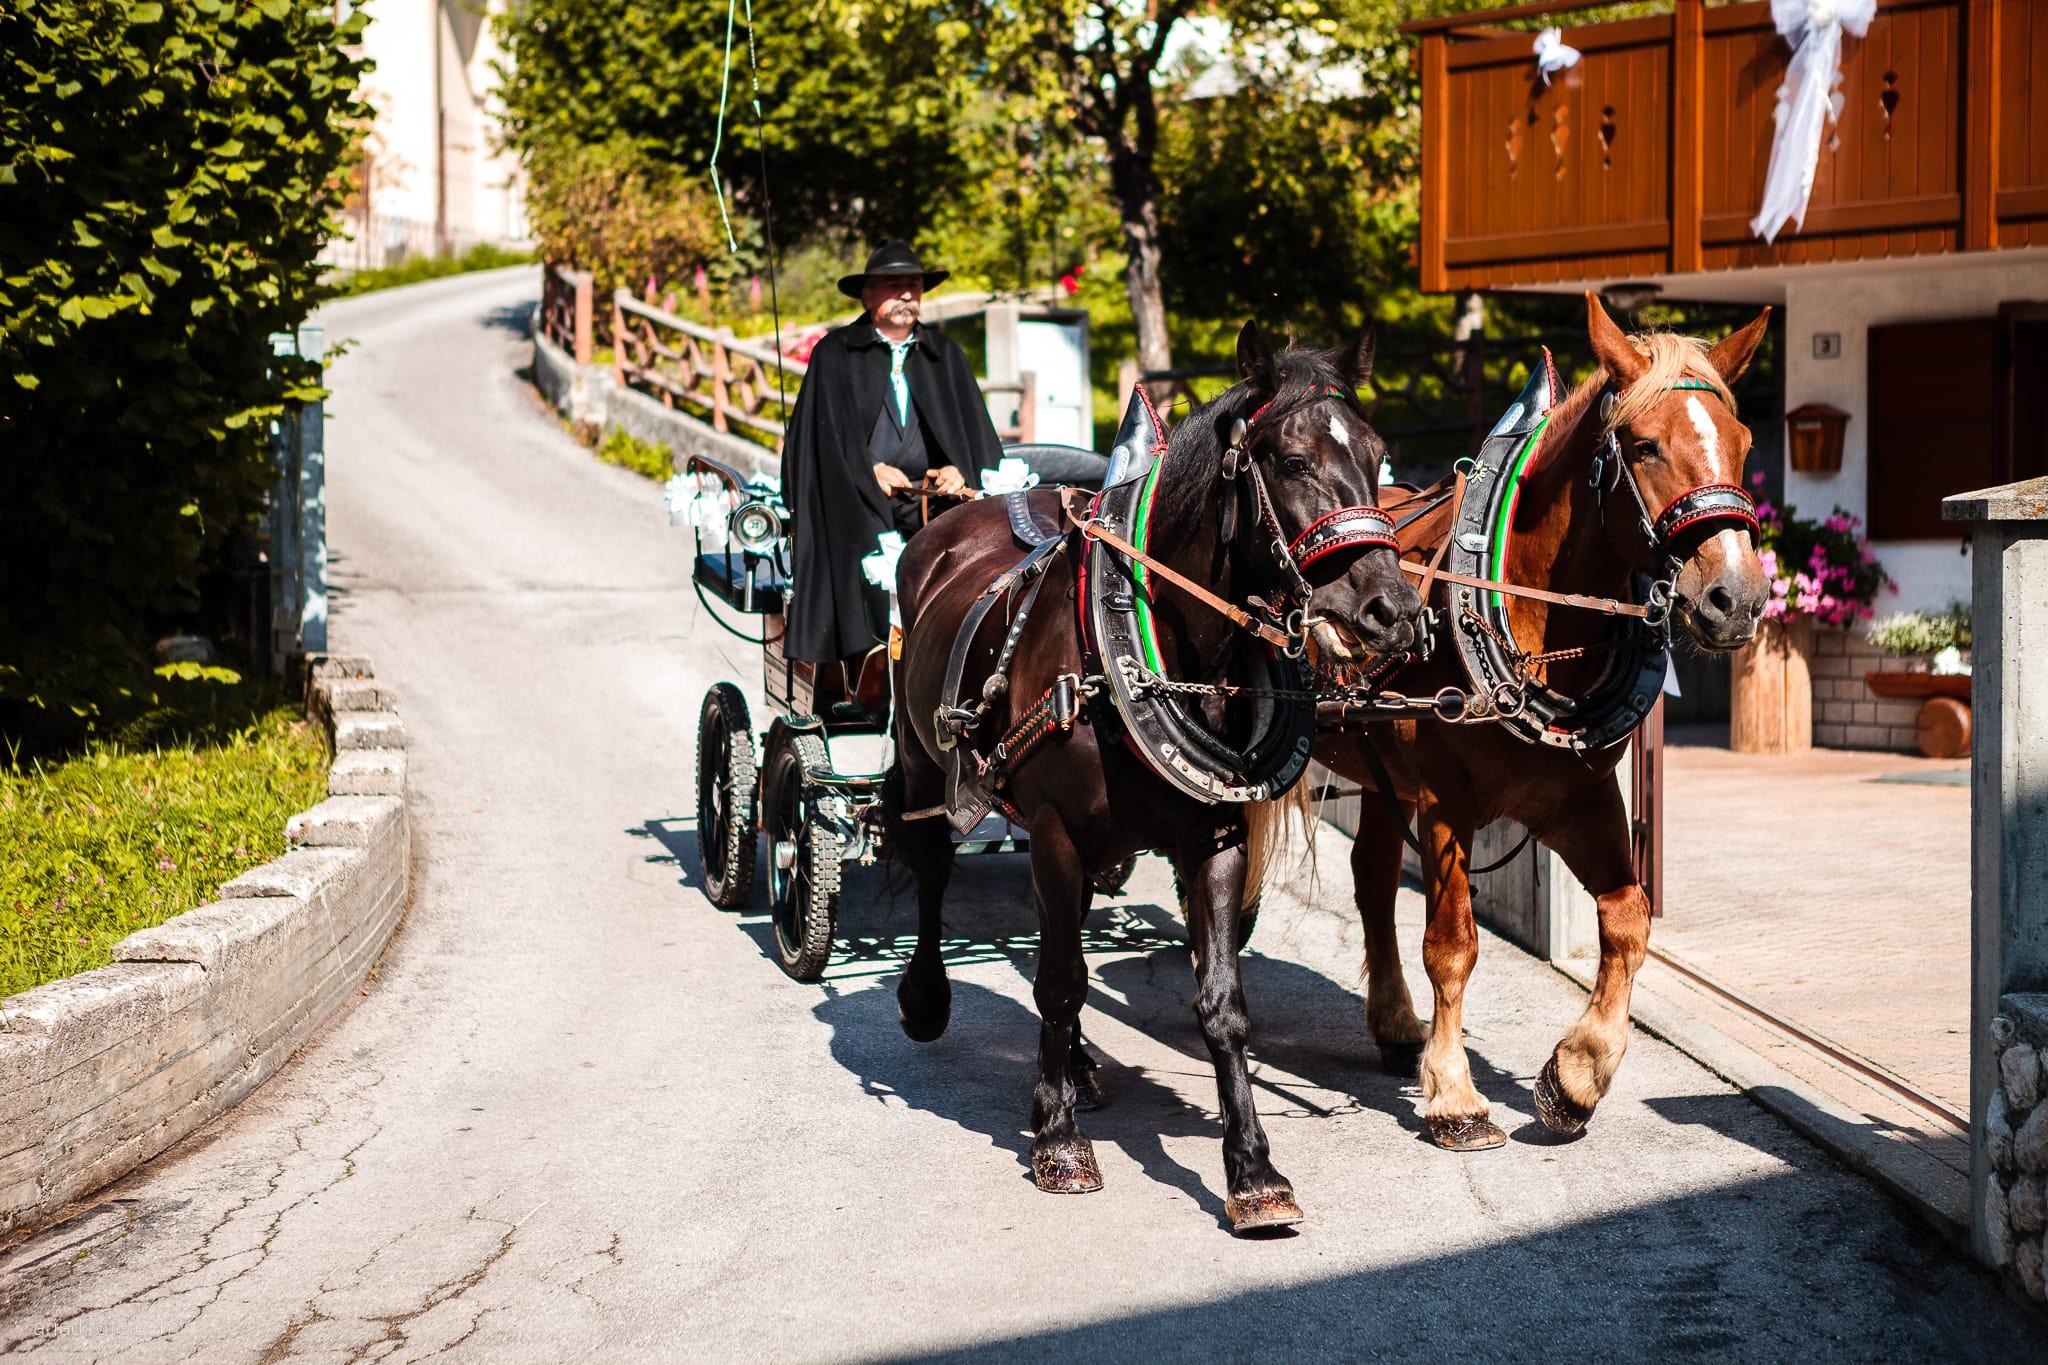 Elisa Gabriele matrimonio Veneto Val Zoldana Belluno preparativi carrozza cavalli